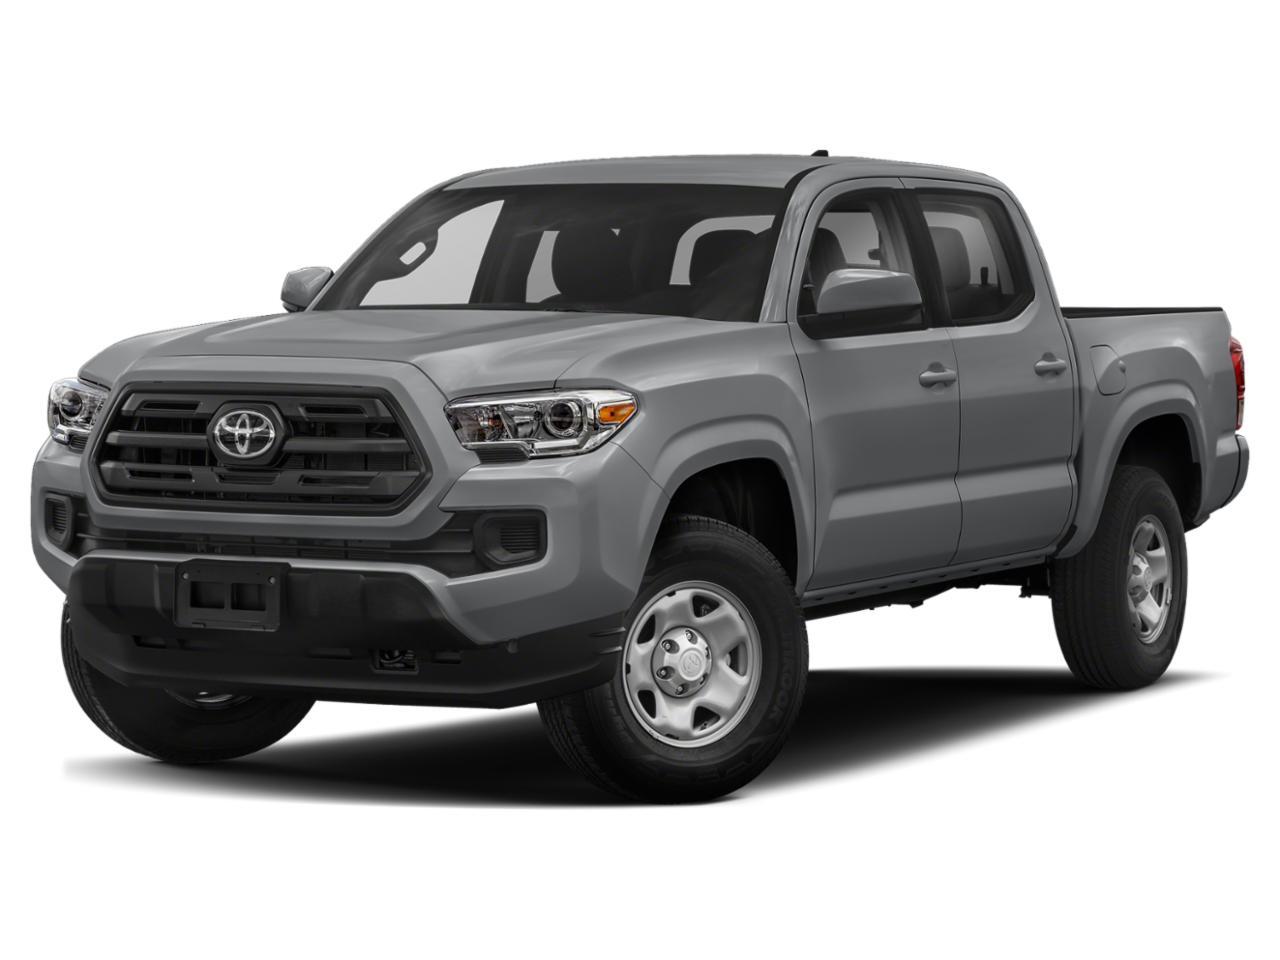 2019 Toyota Tacoma 2WD Vehicle Photo in Rosenberg, TX 77471